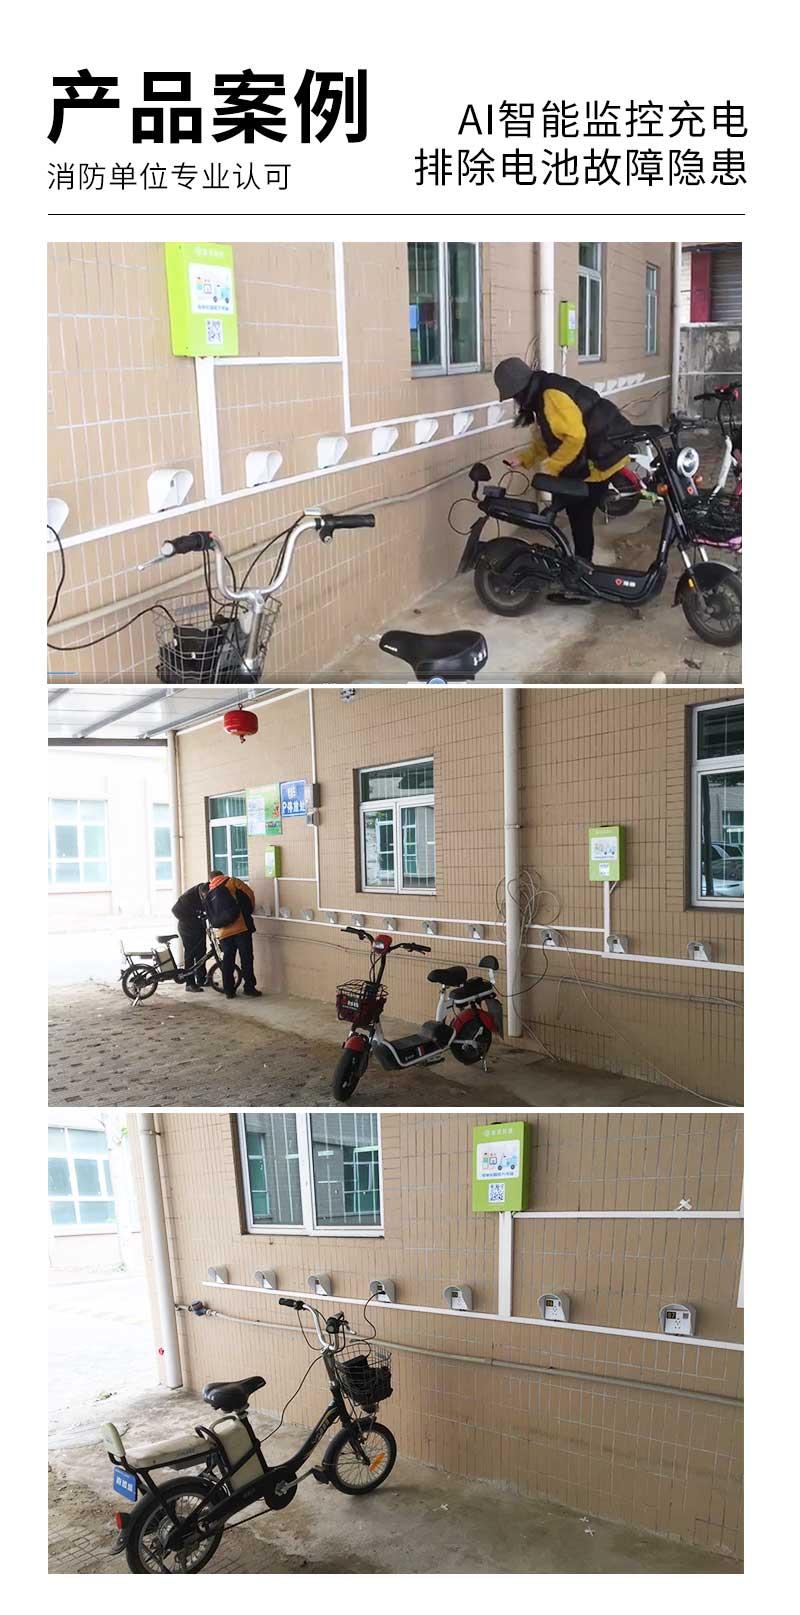 产品案例-广州磐众智能科技有限公司